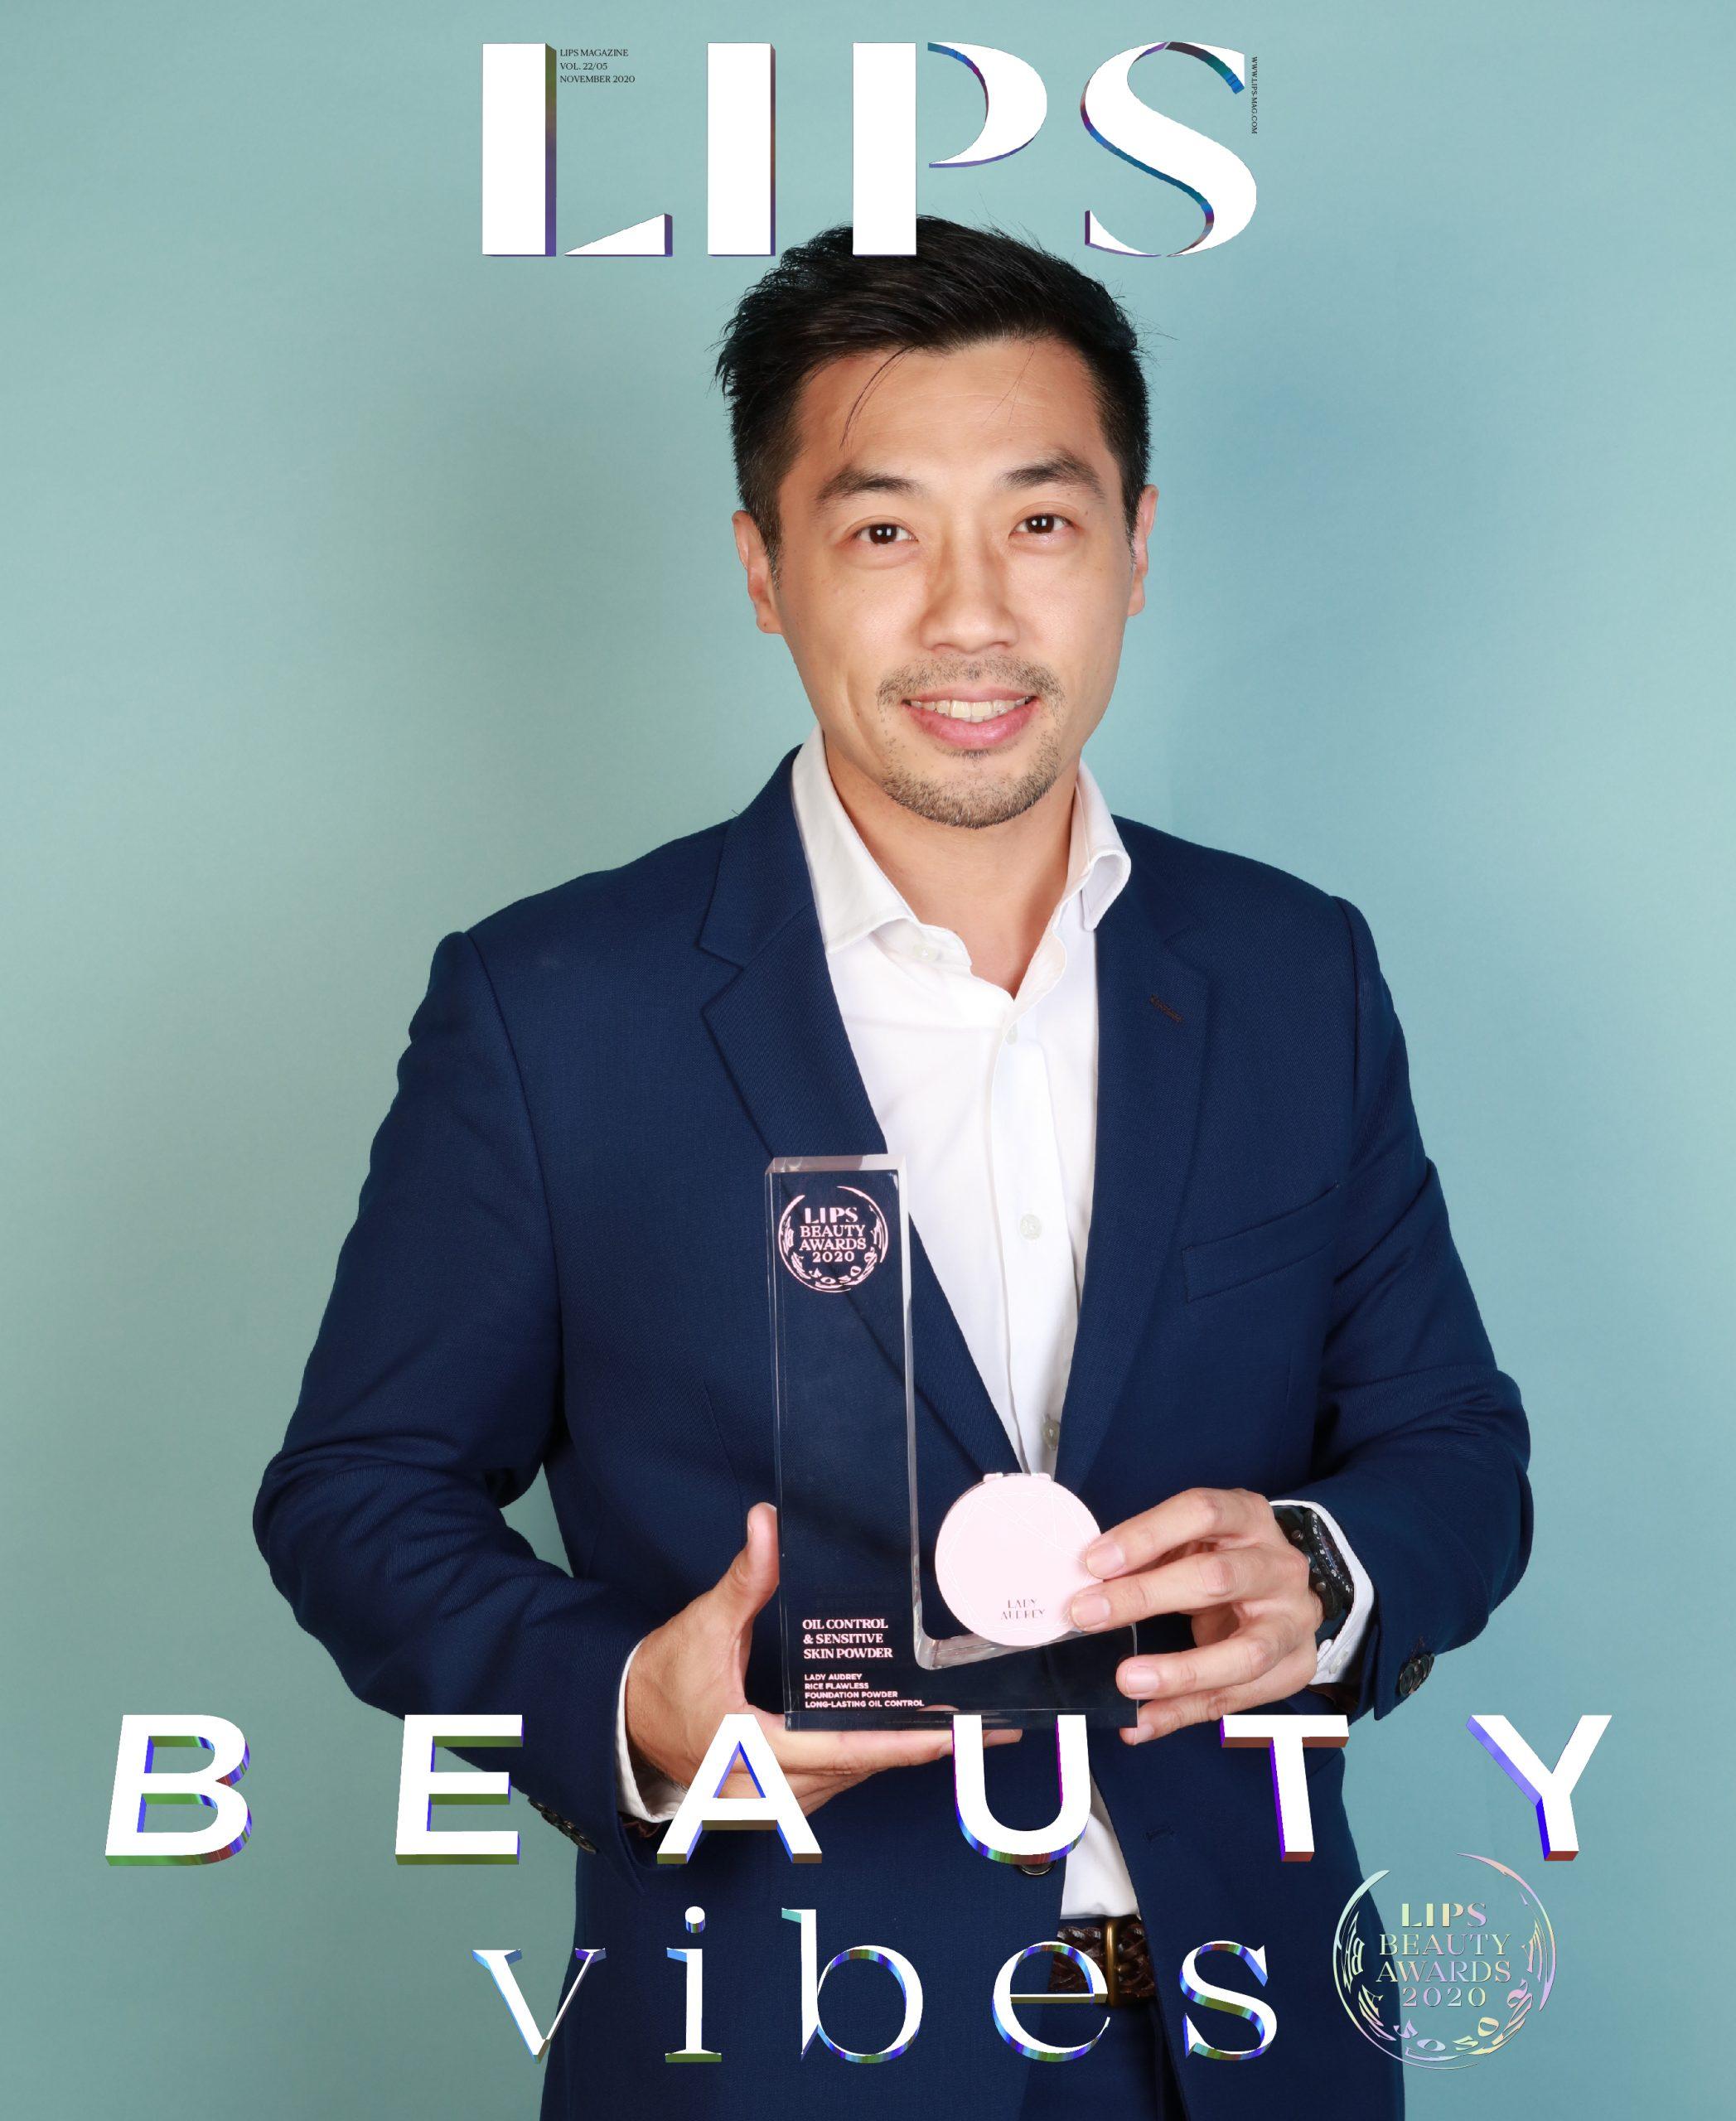 แป้งคุมมัน Lady Audrey LIPS Beauty Awards 2020